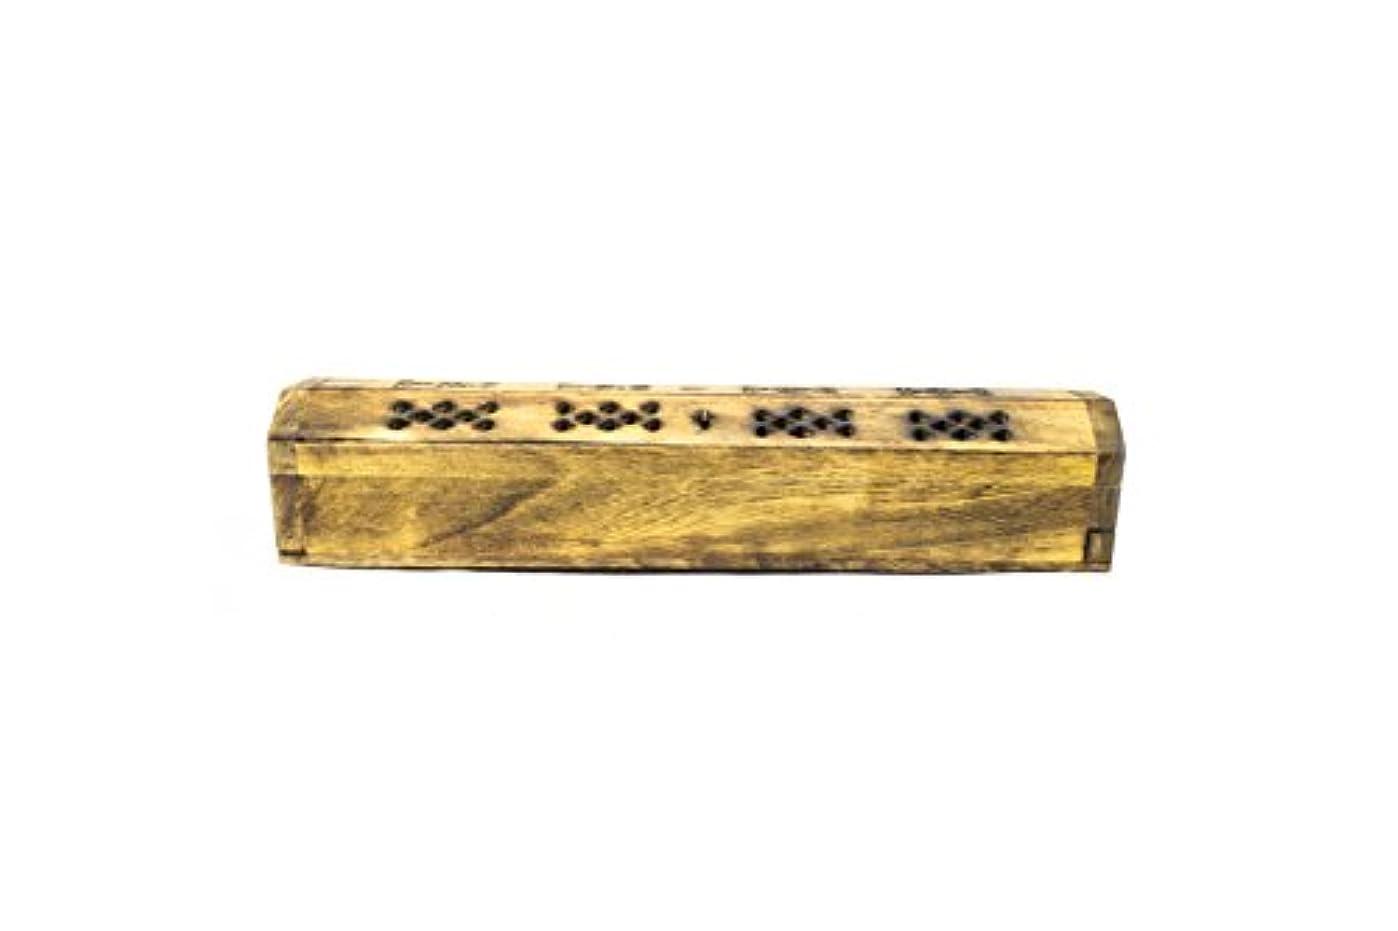 ミルク脊椎残り物SBFクラフト木製お香スティックホルダー、Incense Ashキャッチャーフリー20バニラ香